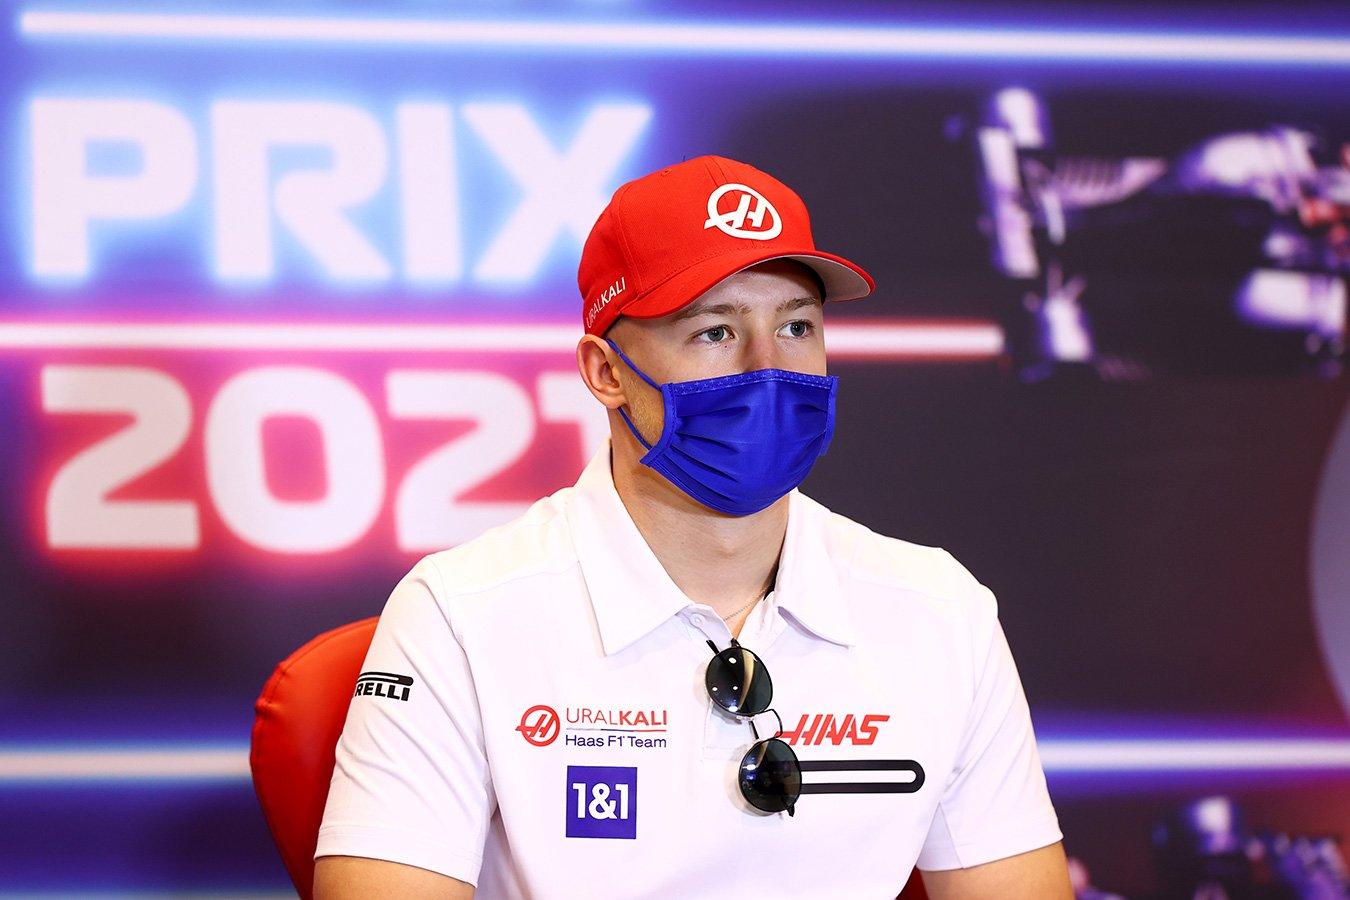 Ральф Шумахер призвал отстранить Мазепина на одну гонку за опасный манёвр